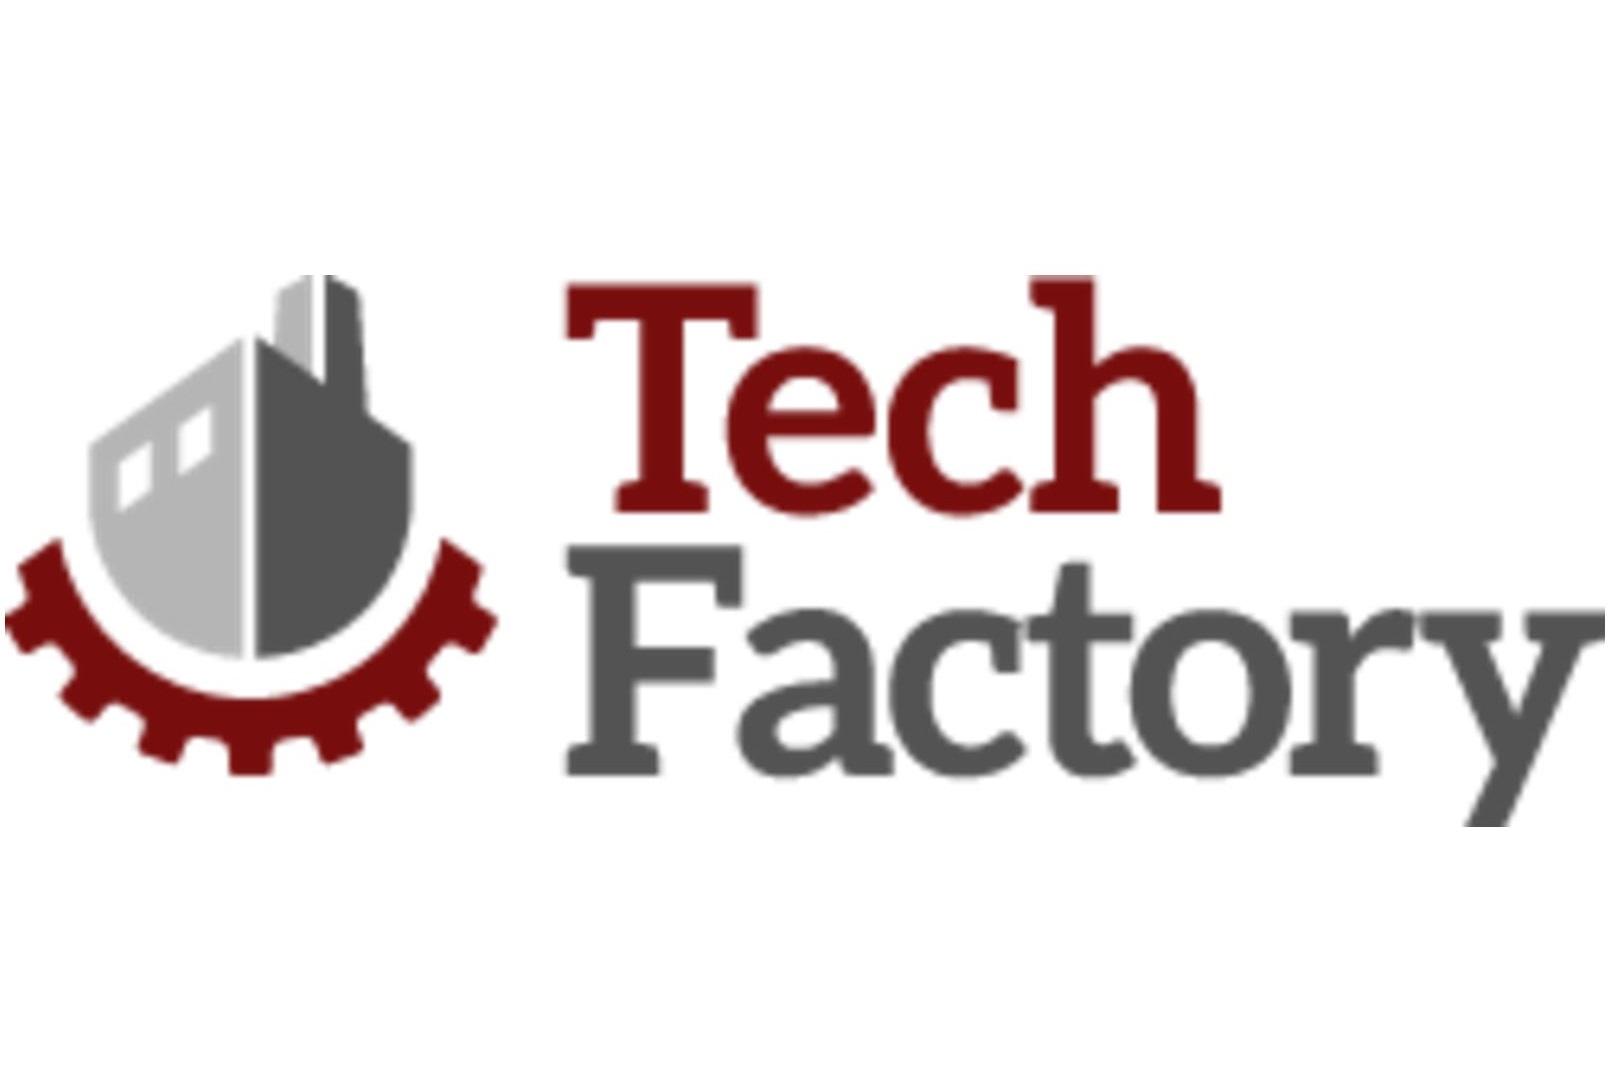 「Tech Factory」で連載中の弊社コンサルタント執筆記事第3回が掲載されました